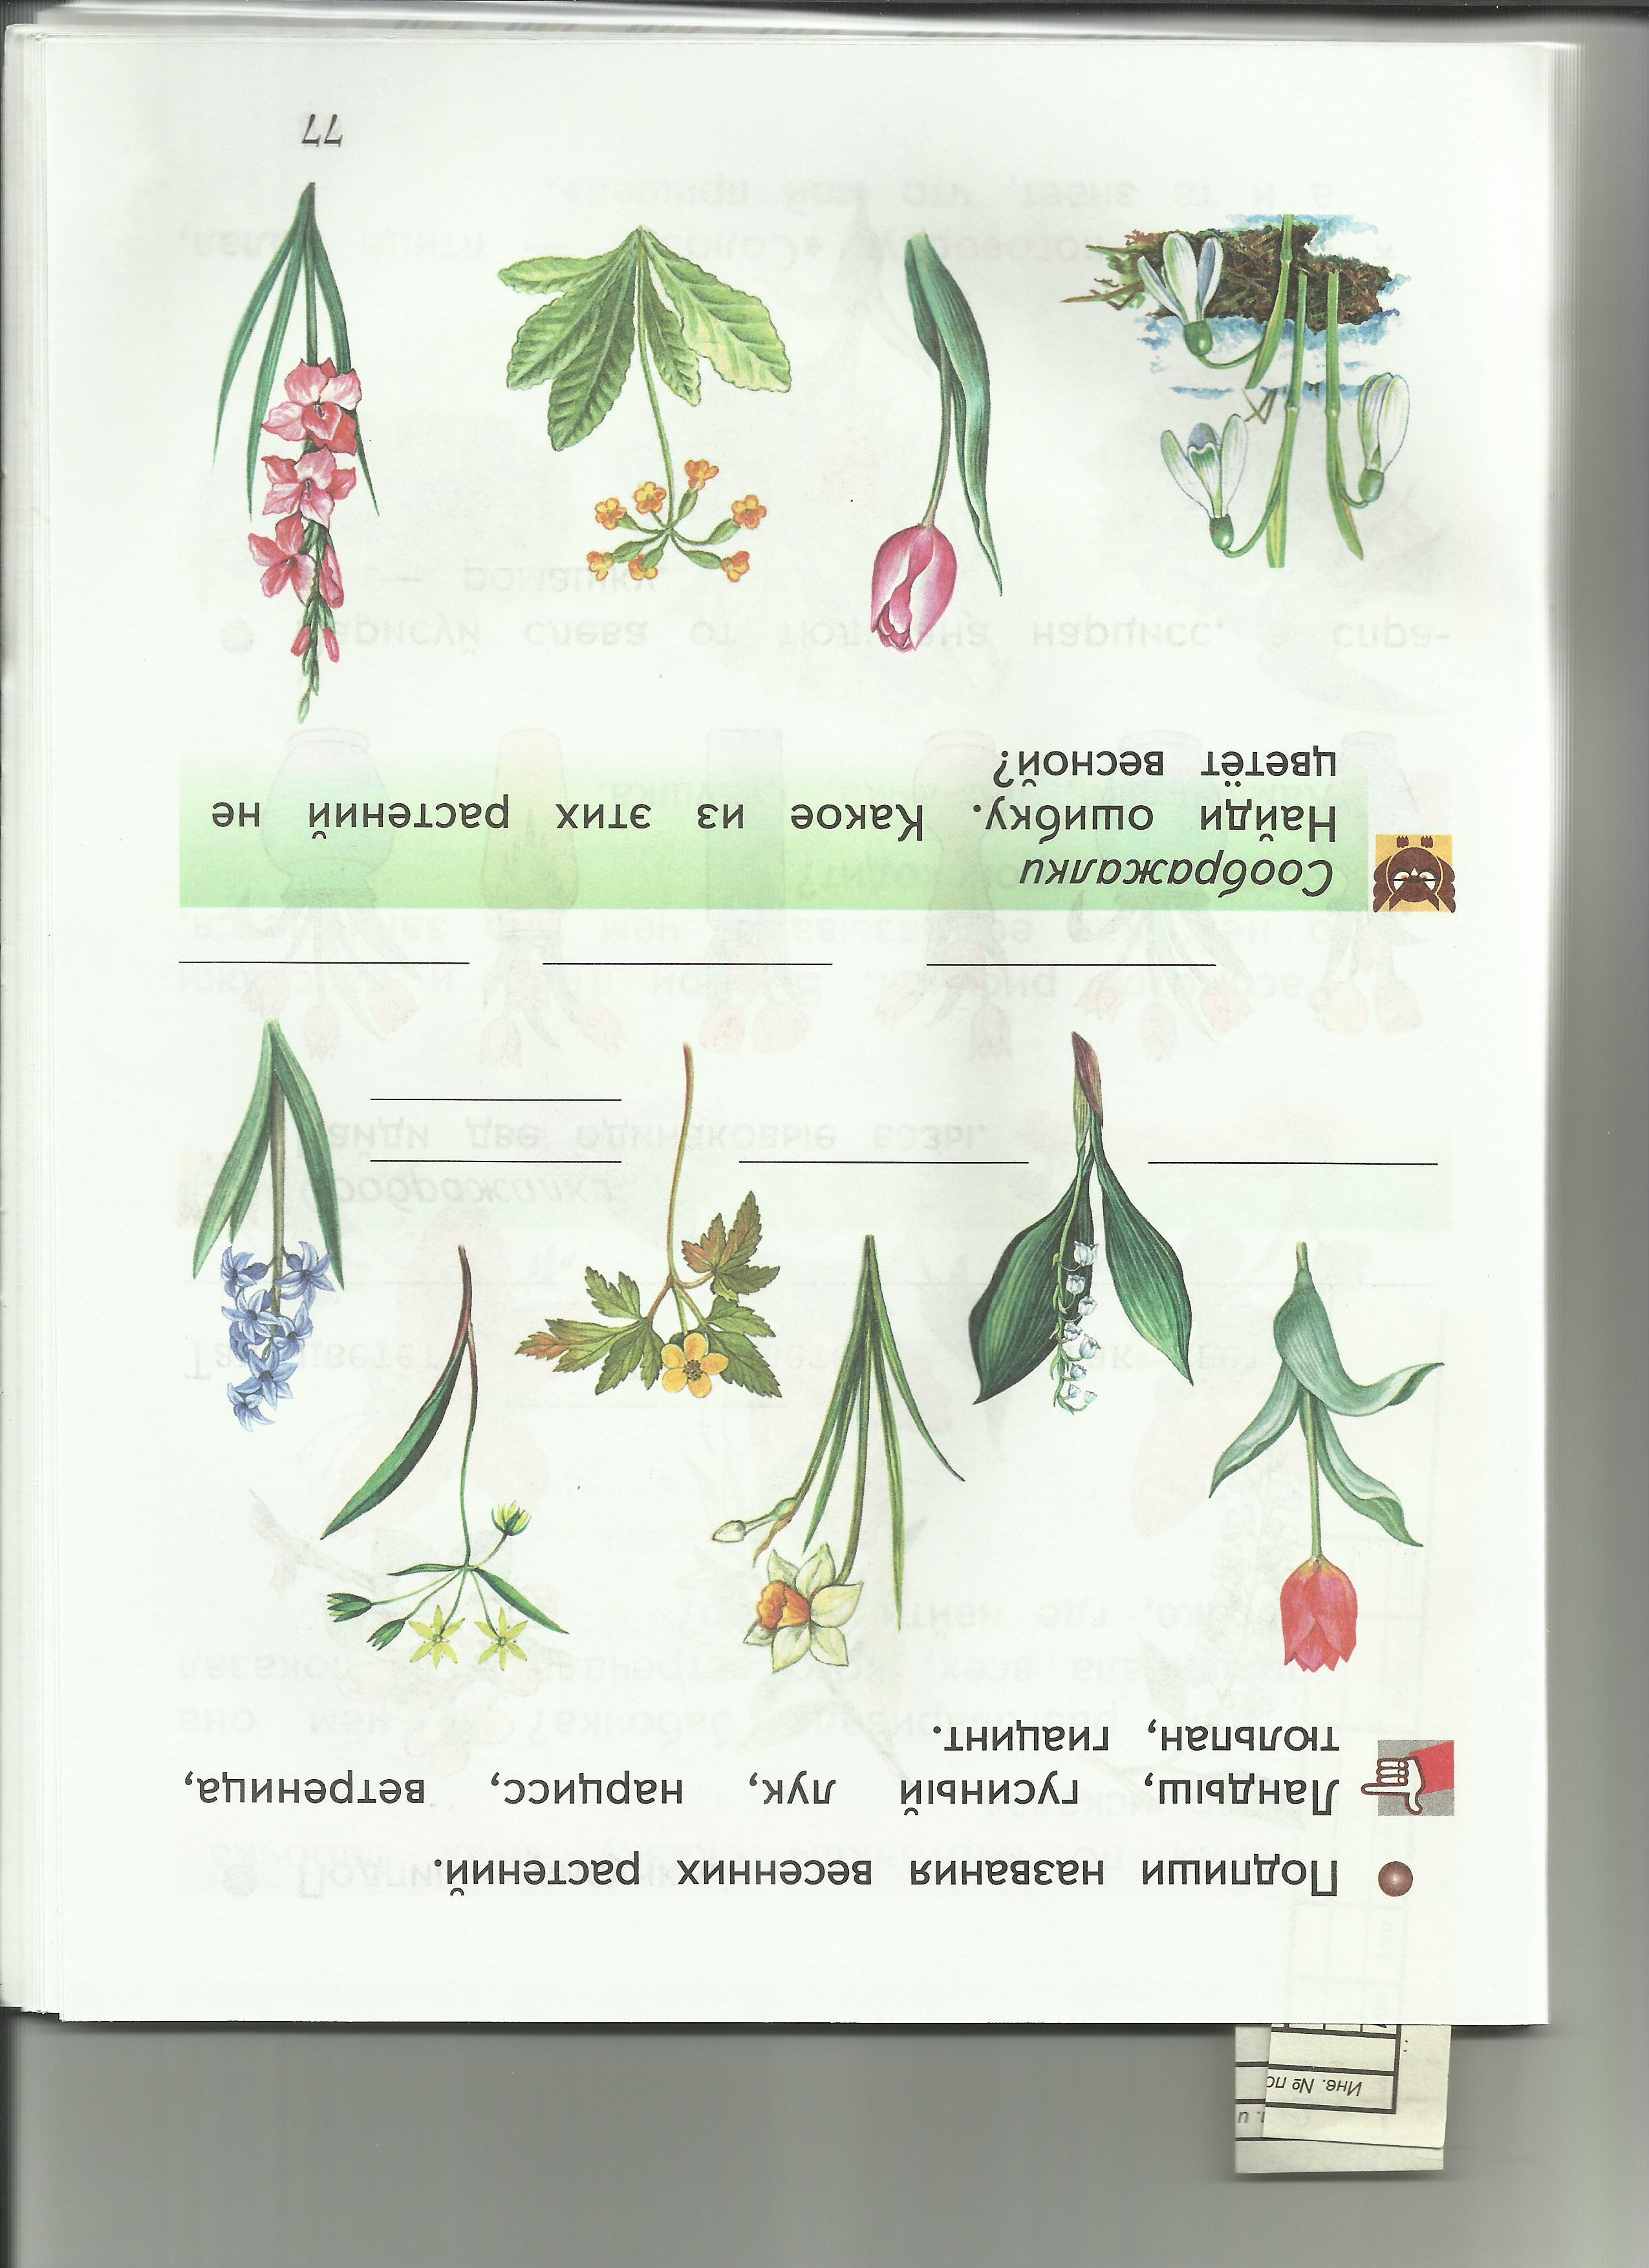 C:\Users\пр\Desktop\папка растения 8\8какое растение не цветёт весной.jpg